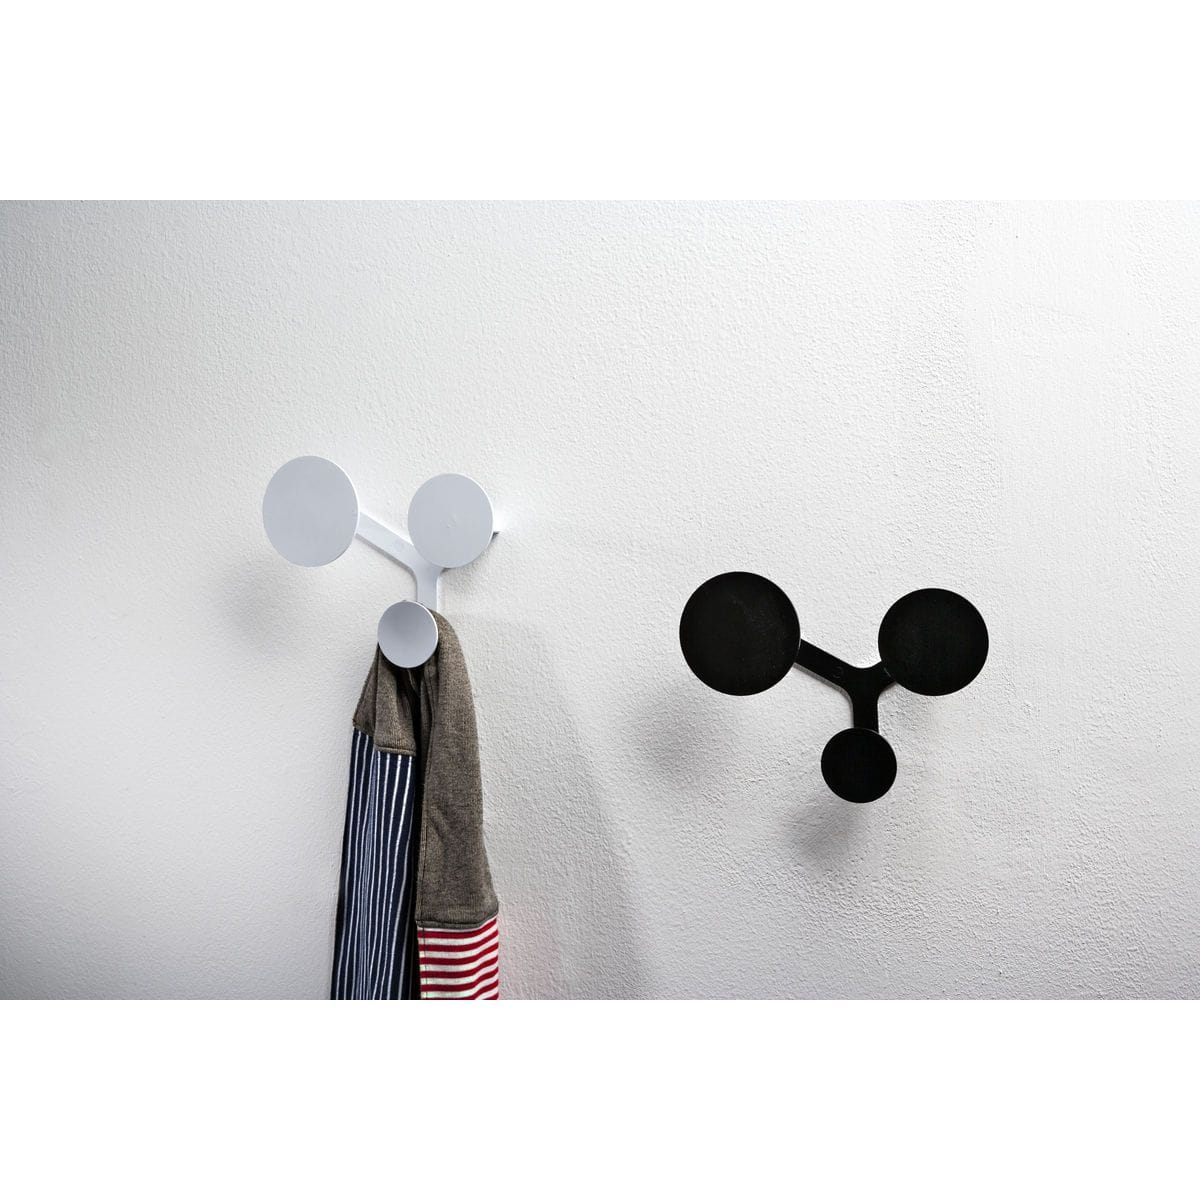 Appendiabiti a muro di metallo composto da tre dischi circolari montati sul medesimo supporto di colore bianco e nero